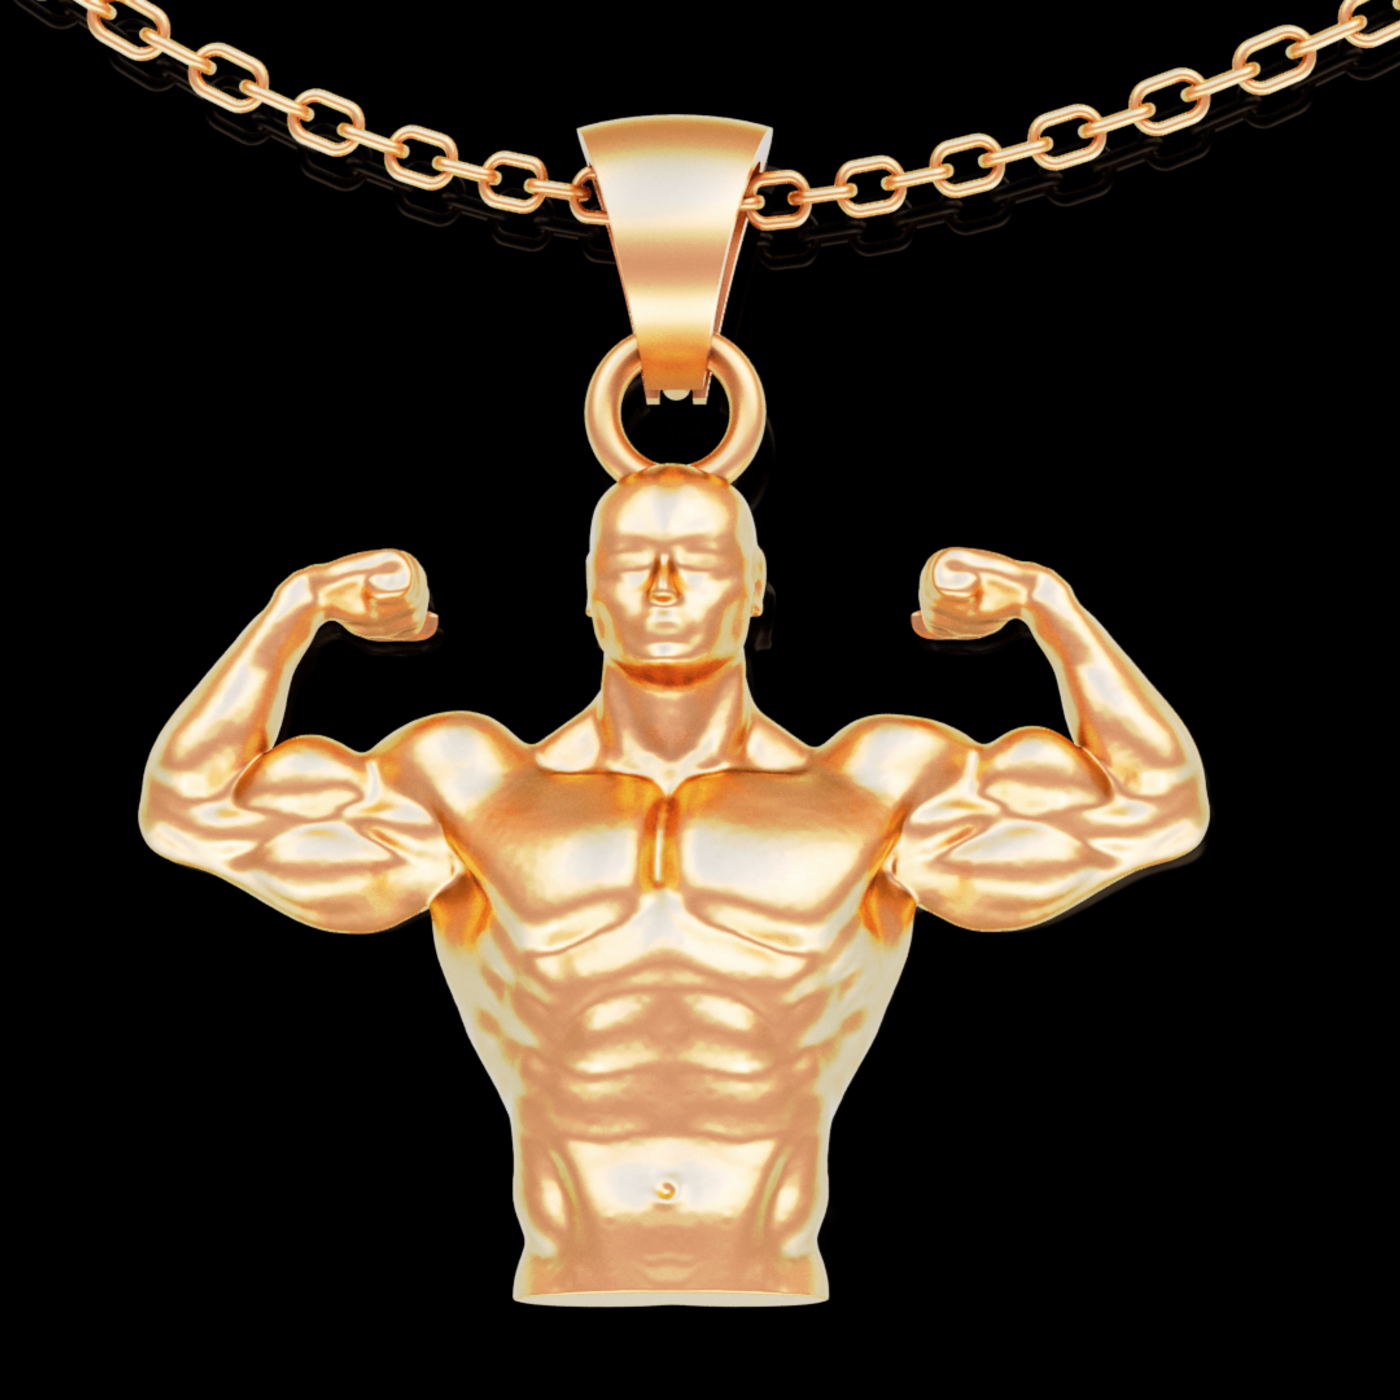 Bodybuilder Portrait pendant jewelry gold necklace medallion 3D print model